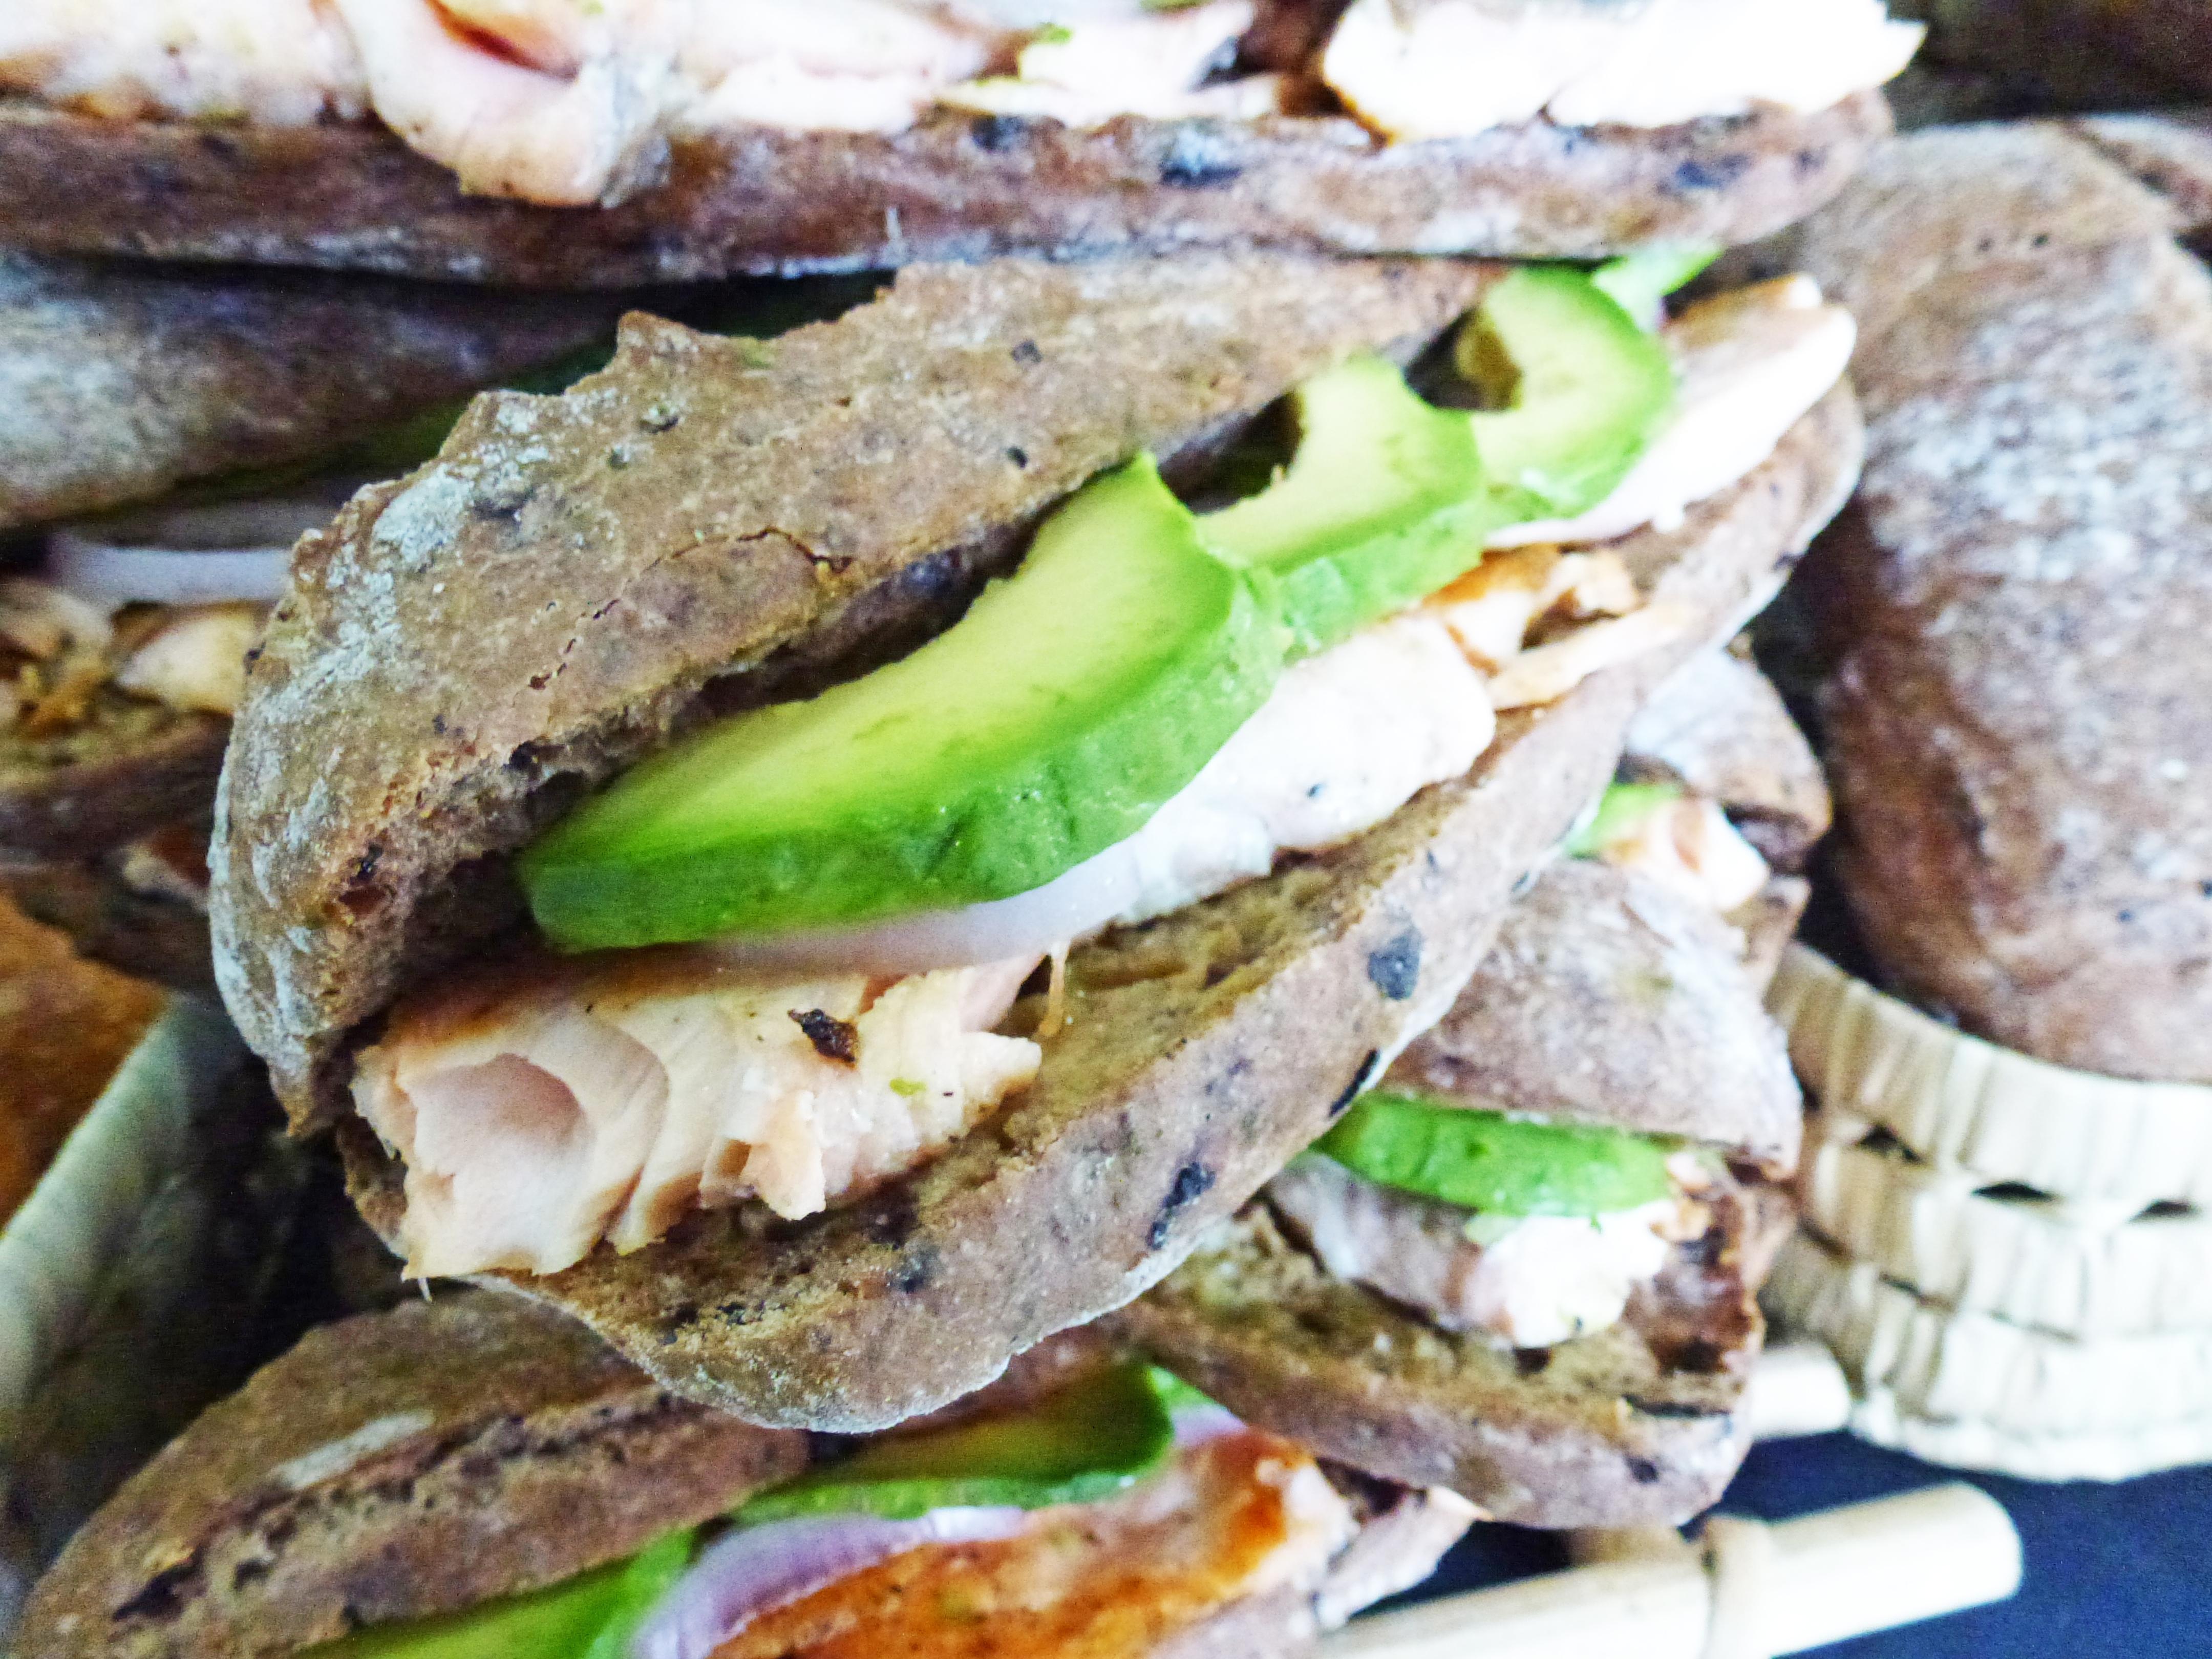 Региональный сендвич - Марокко